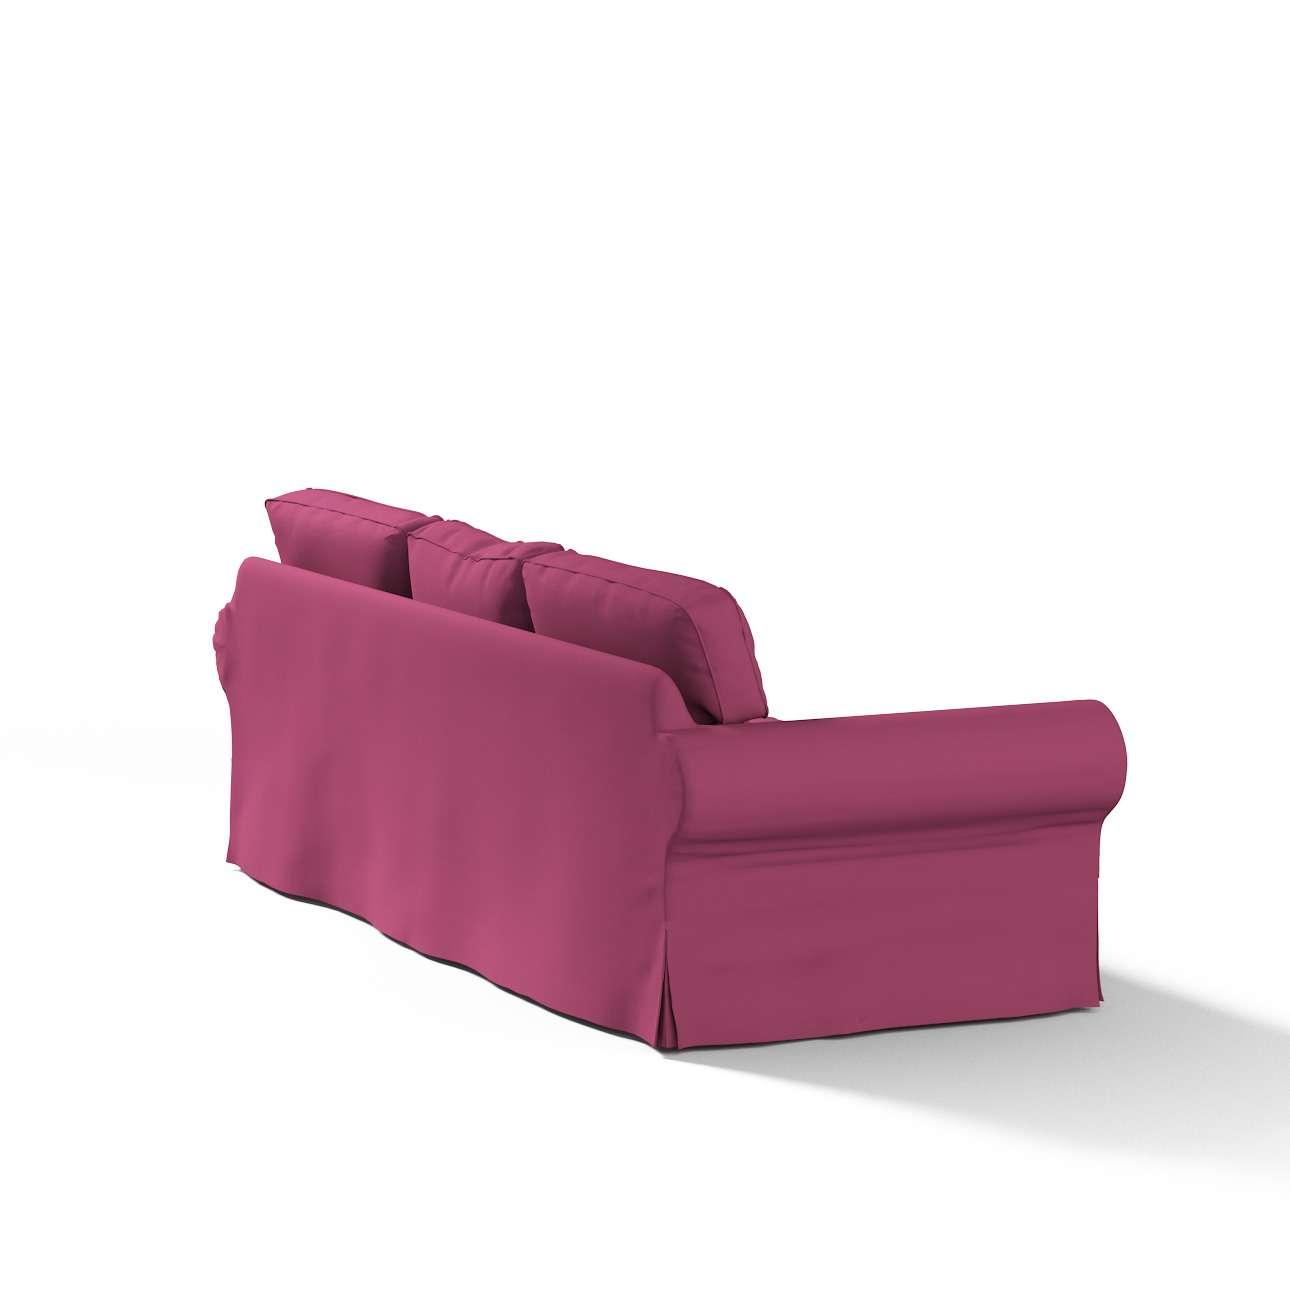 Ektorp trivietės sofos užvalkalas Ektorp trivietės sofos užvalkalas kolekcijoje Cotton Panama, audinys: 702-32